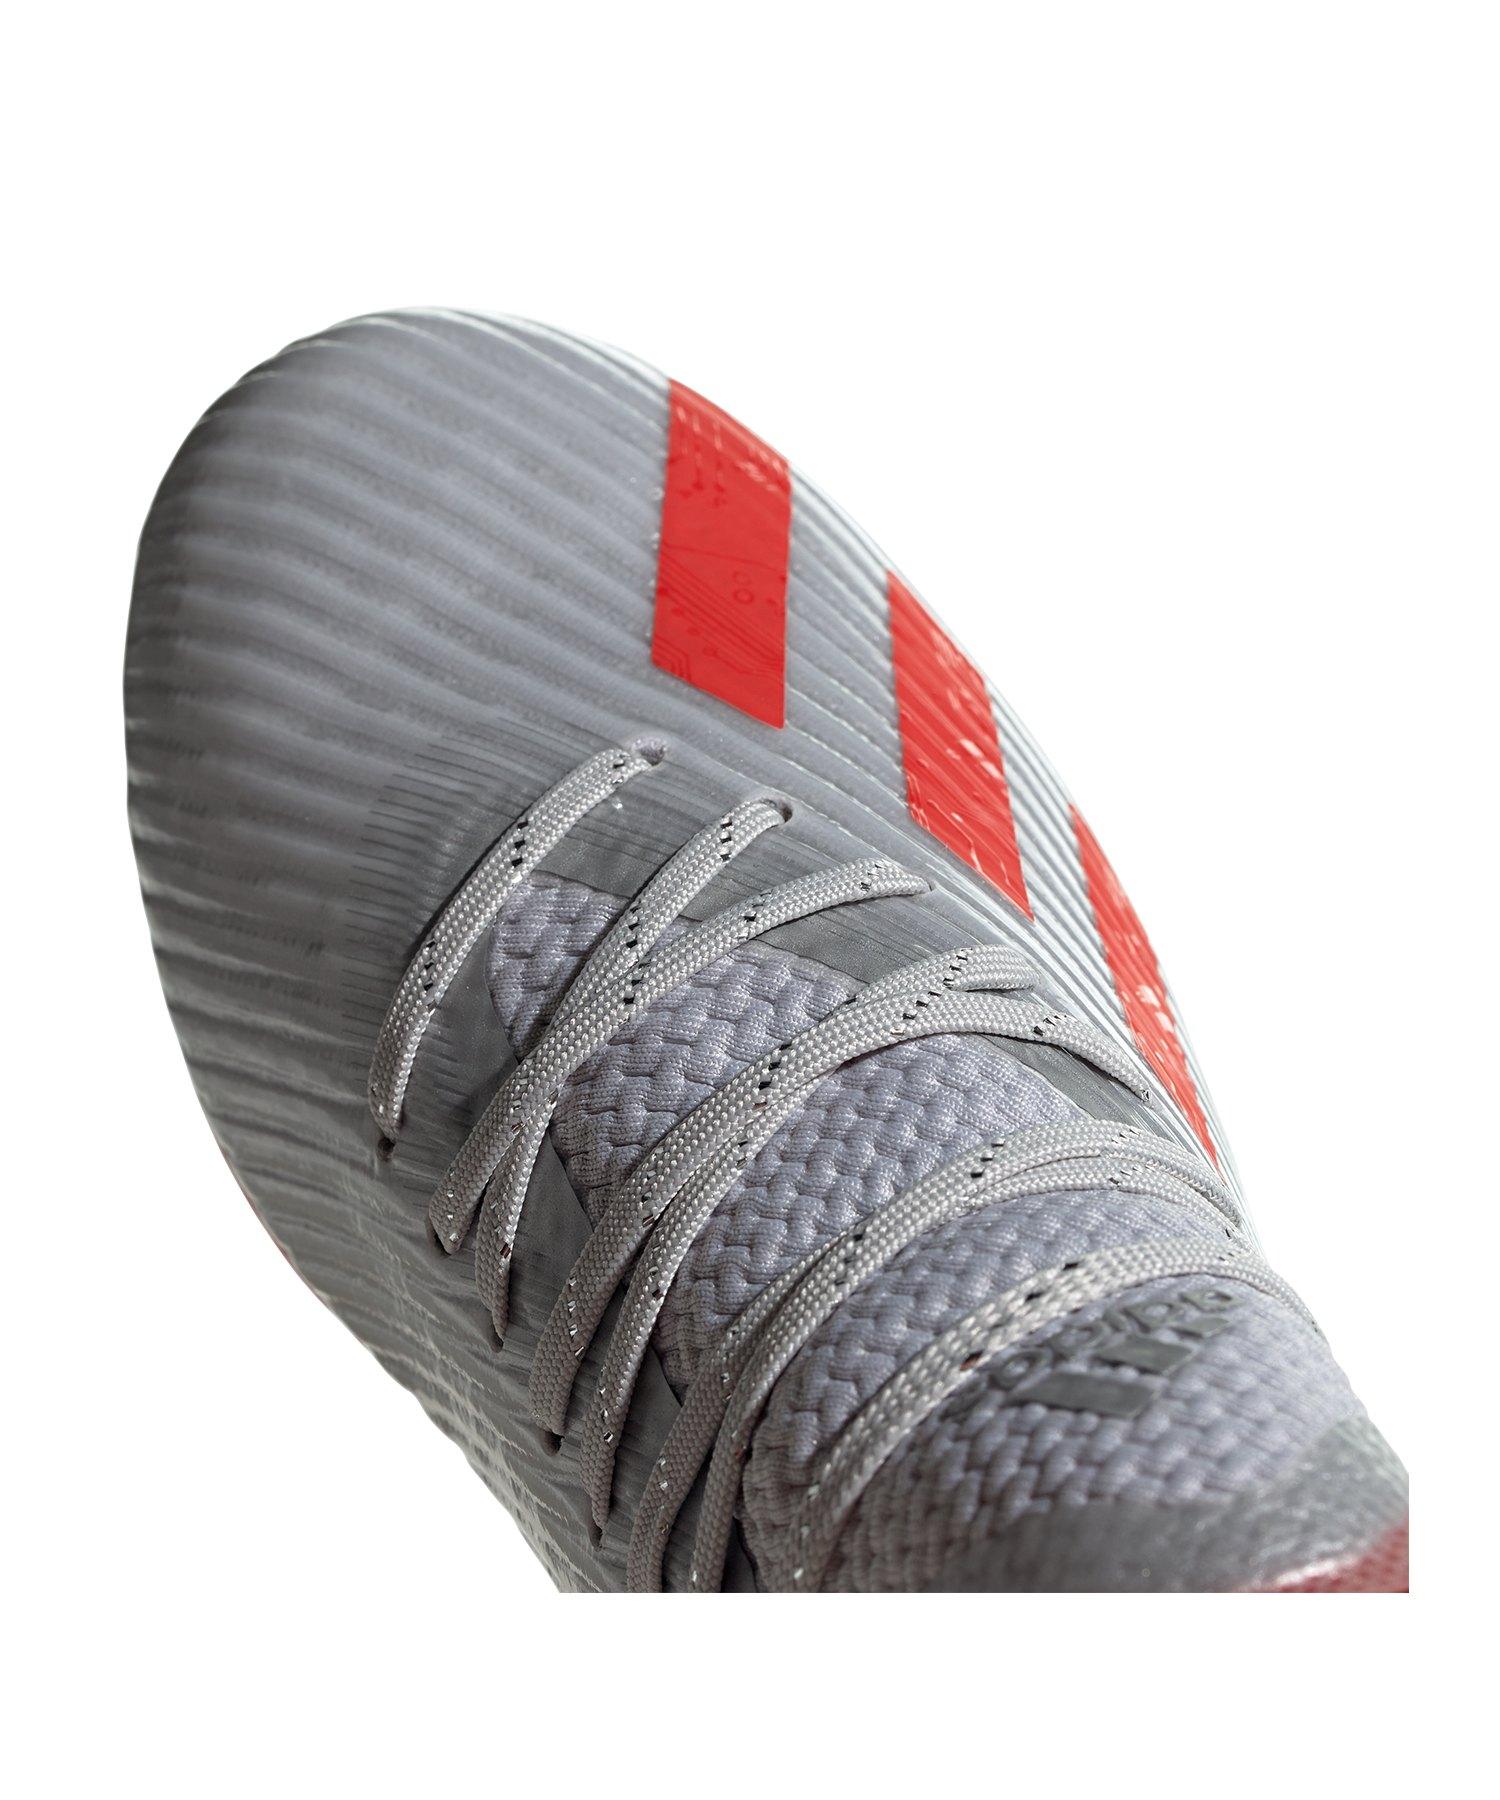 c1e3d76afaac adidas X 19.1 FG J Kids Silber Rot |Fussballschuhe | Rasen ...